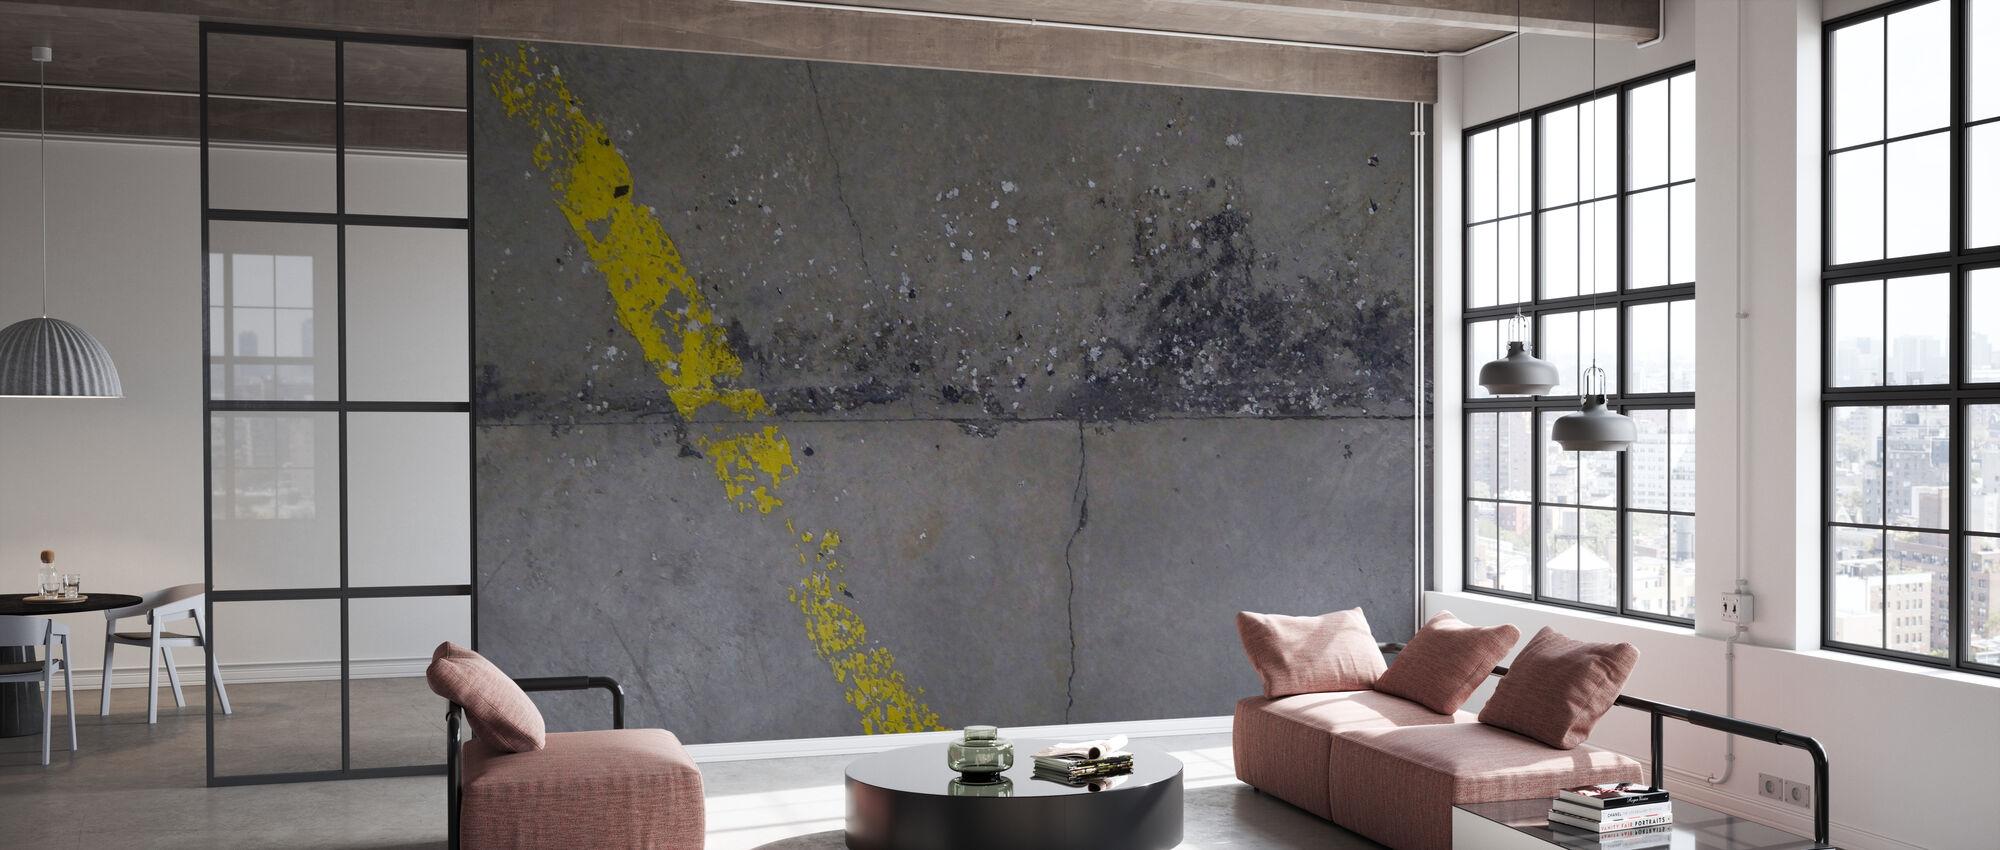 Plancher de béton sur le mur 1 - Papier peint - Bureau